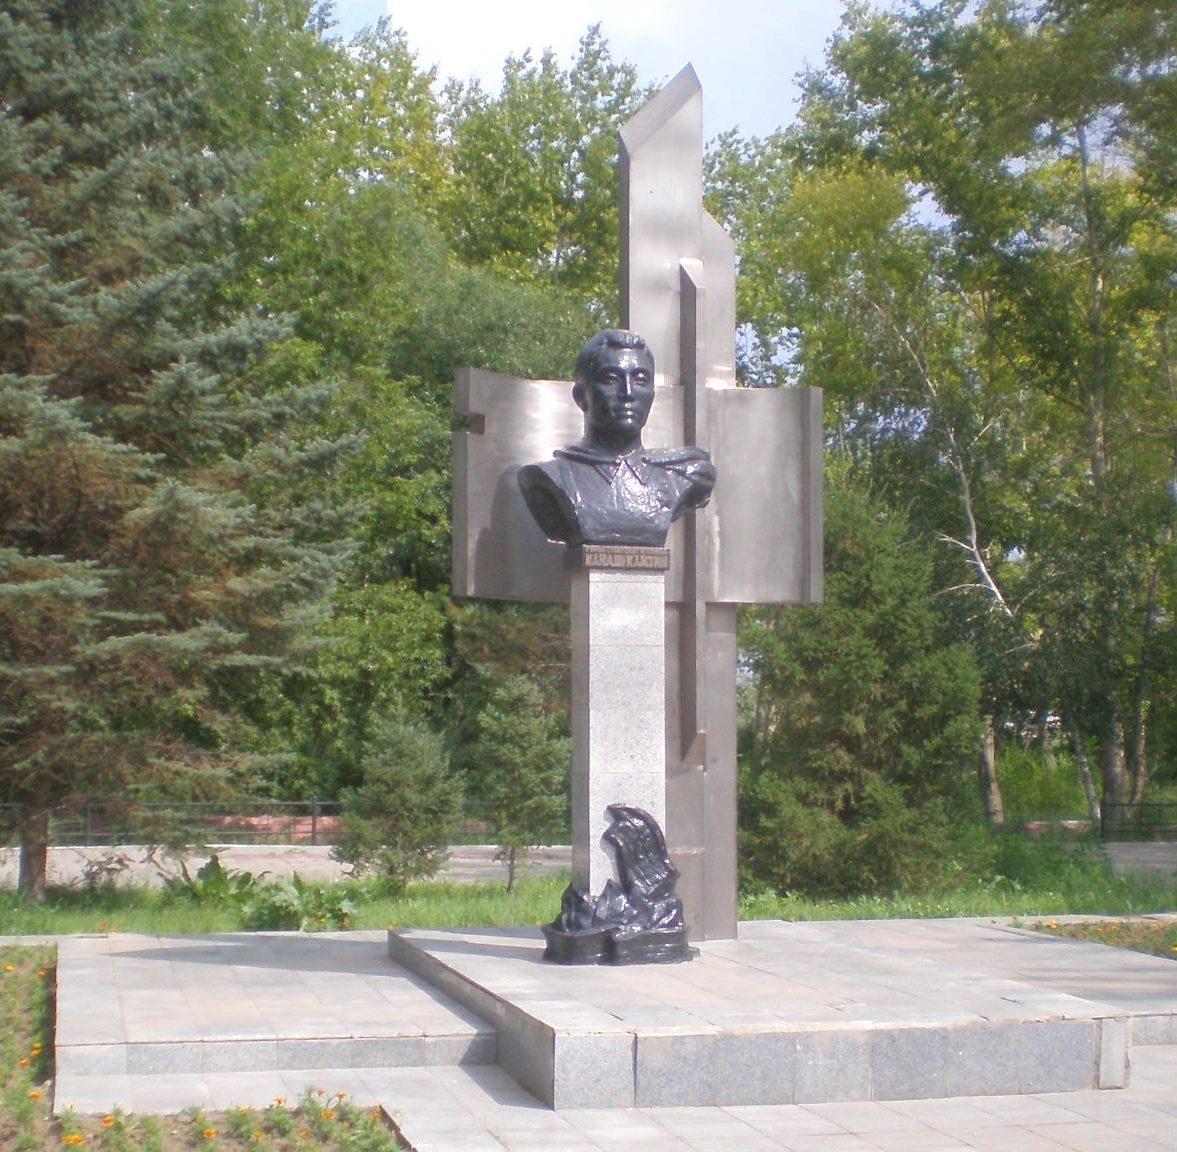 г. Павлодар. Памятник Герою Советского Союза Канашу Камзину, установленный недалеко от главной станции Павлодарской детской железной дороги, которая носила его имя.